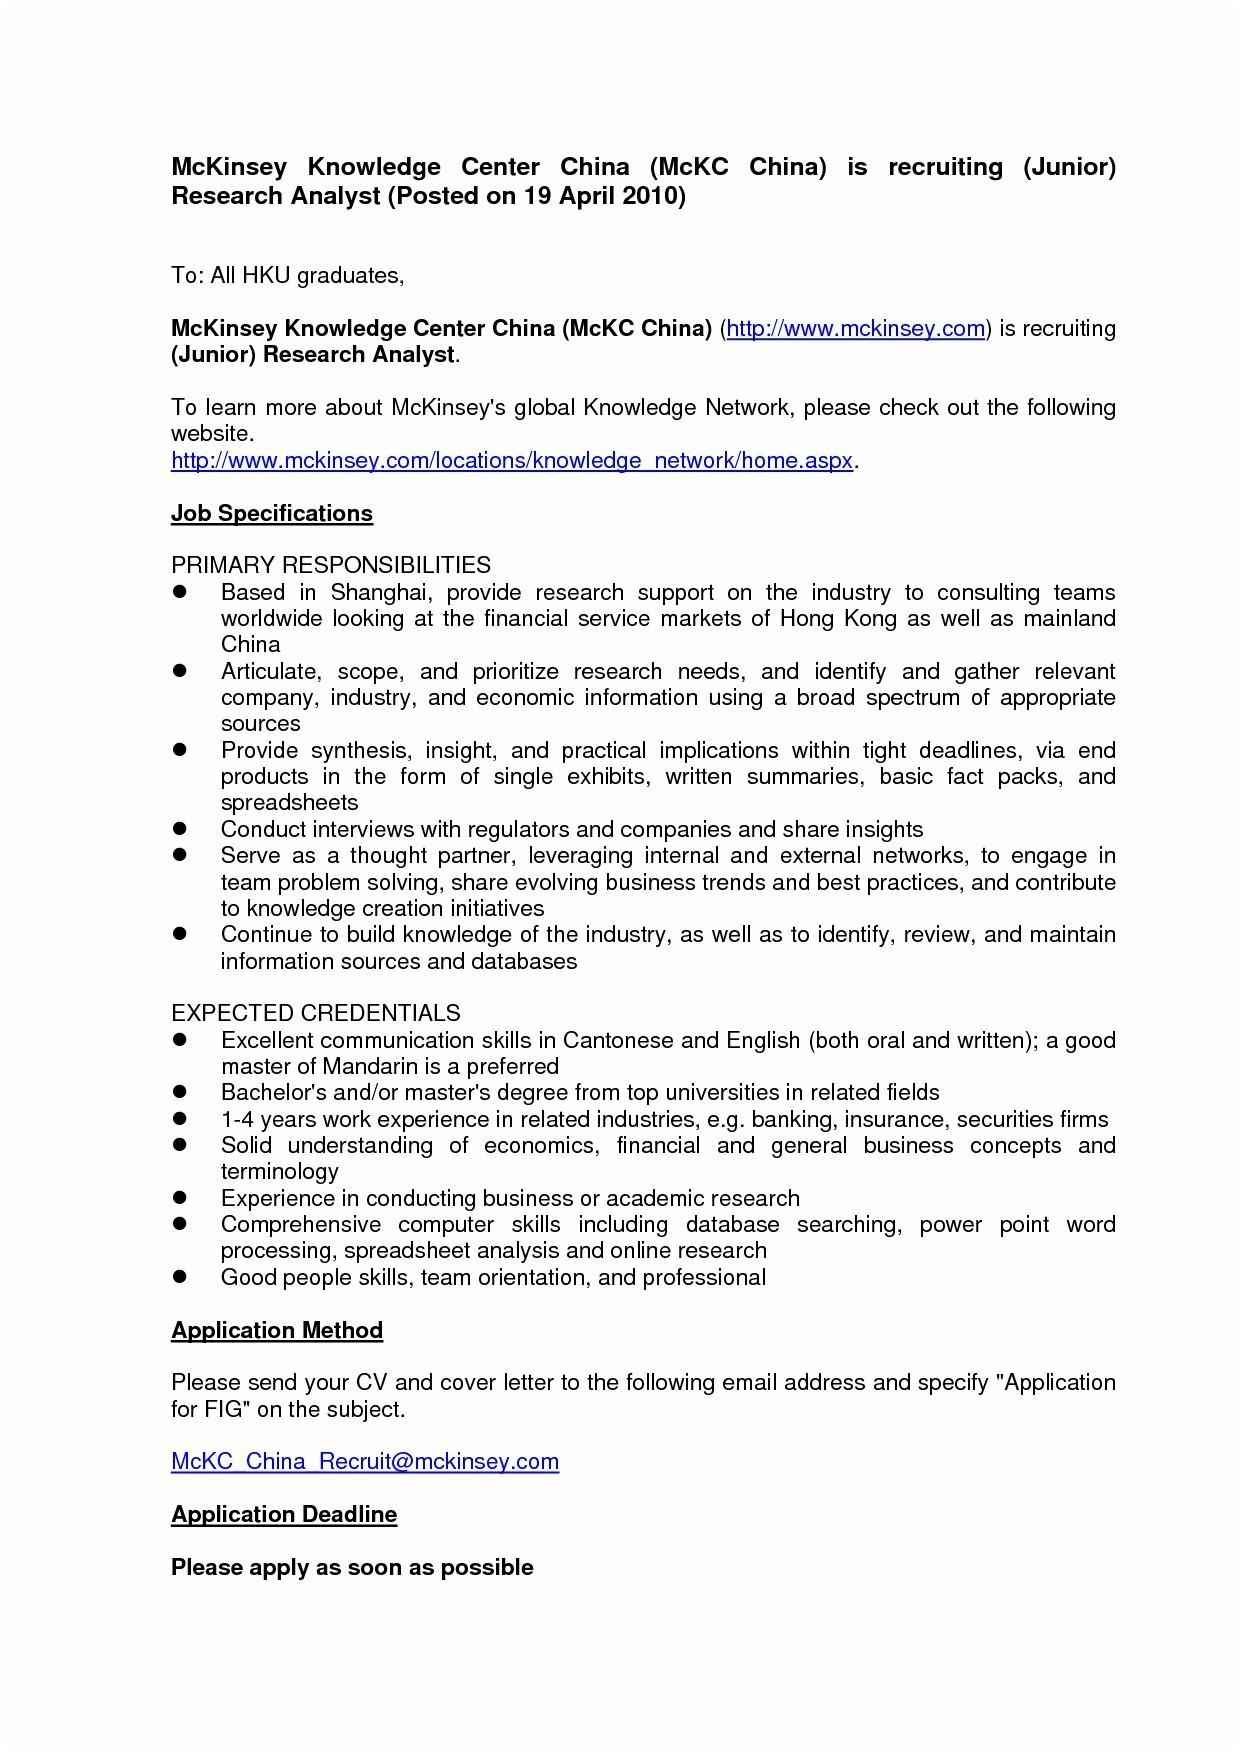 Employment Acceptance Letter Template - Job Acceptance Letter Template Valid Job Fer Letter Template Us Copy